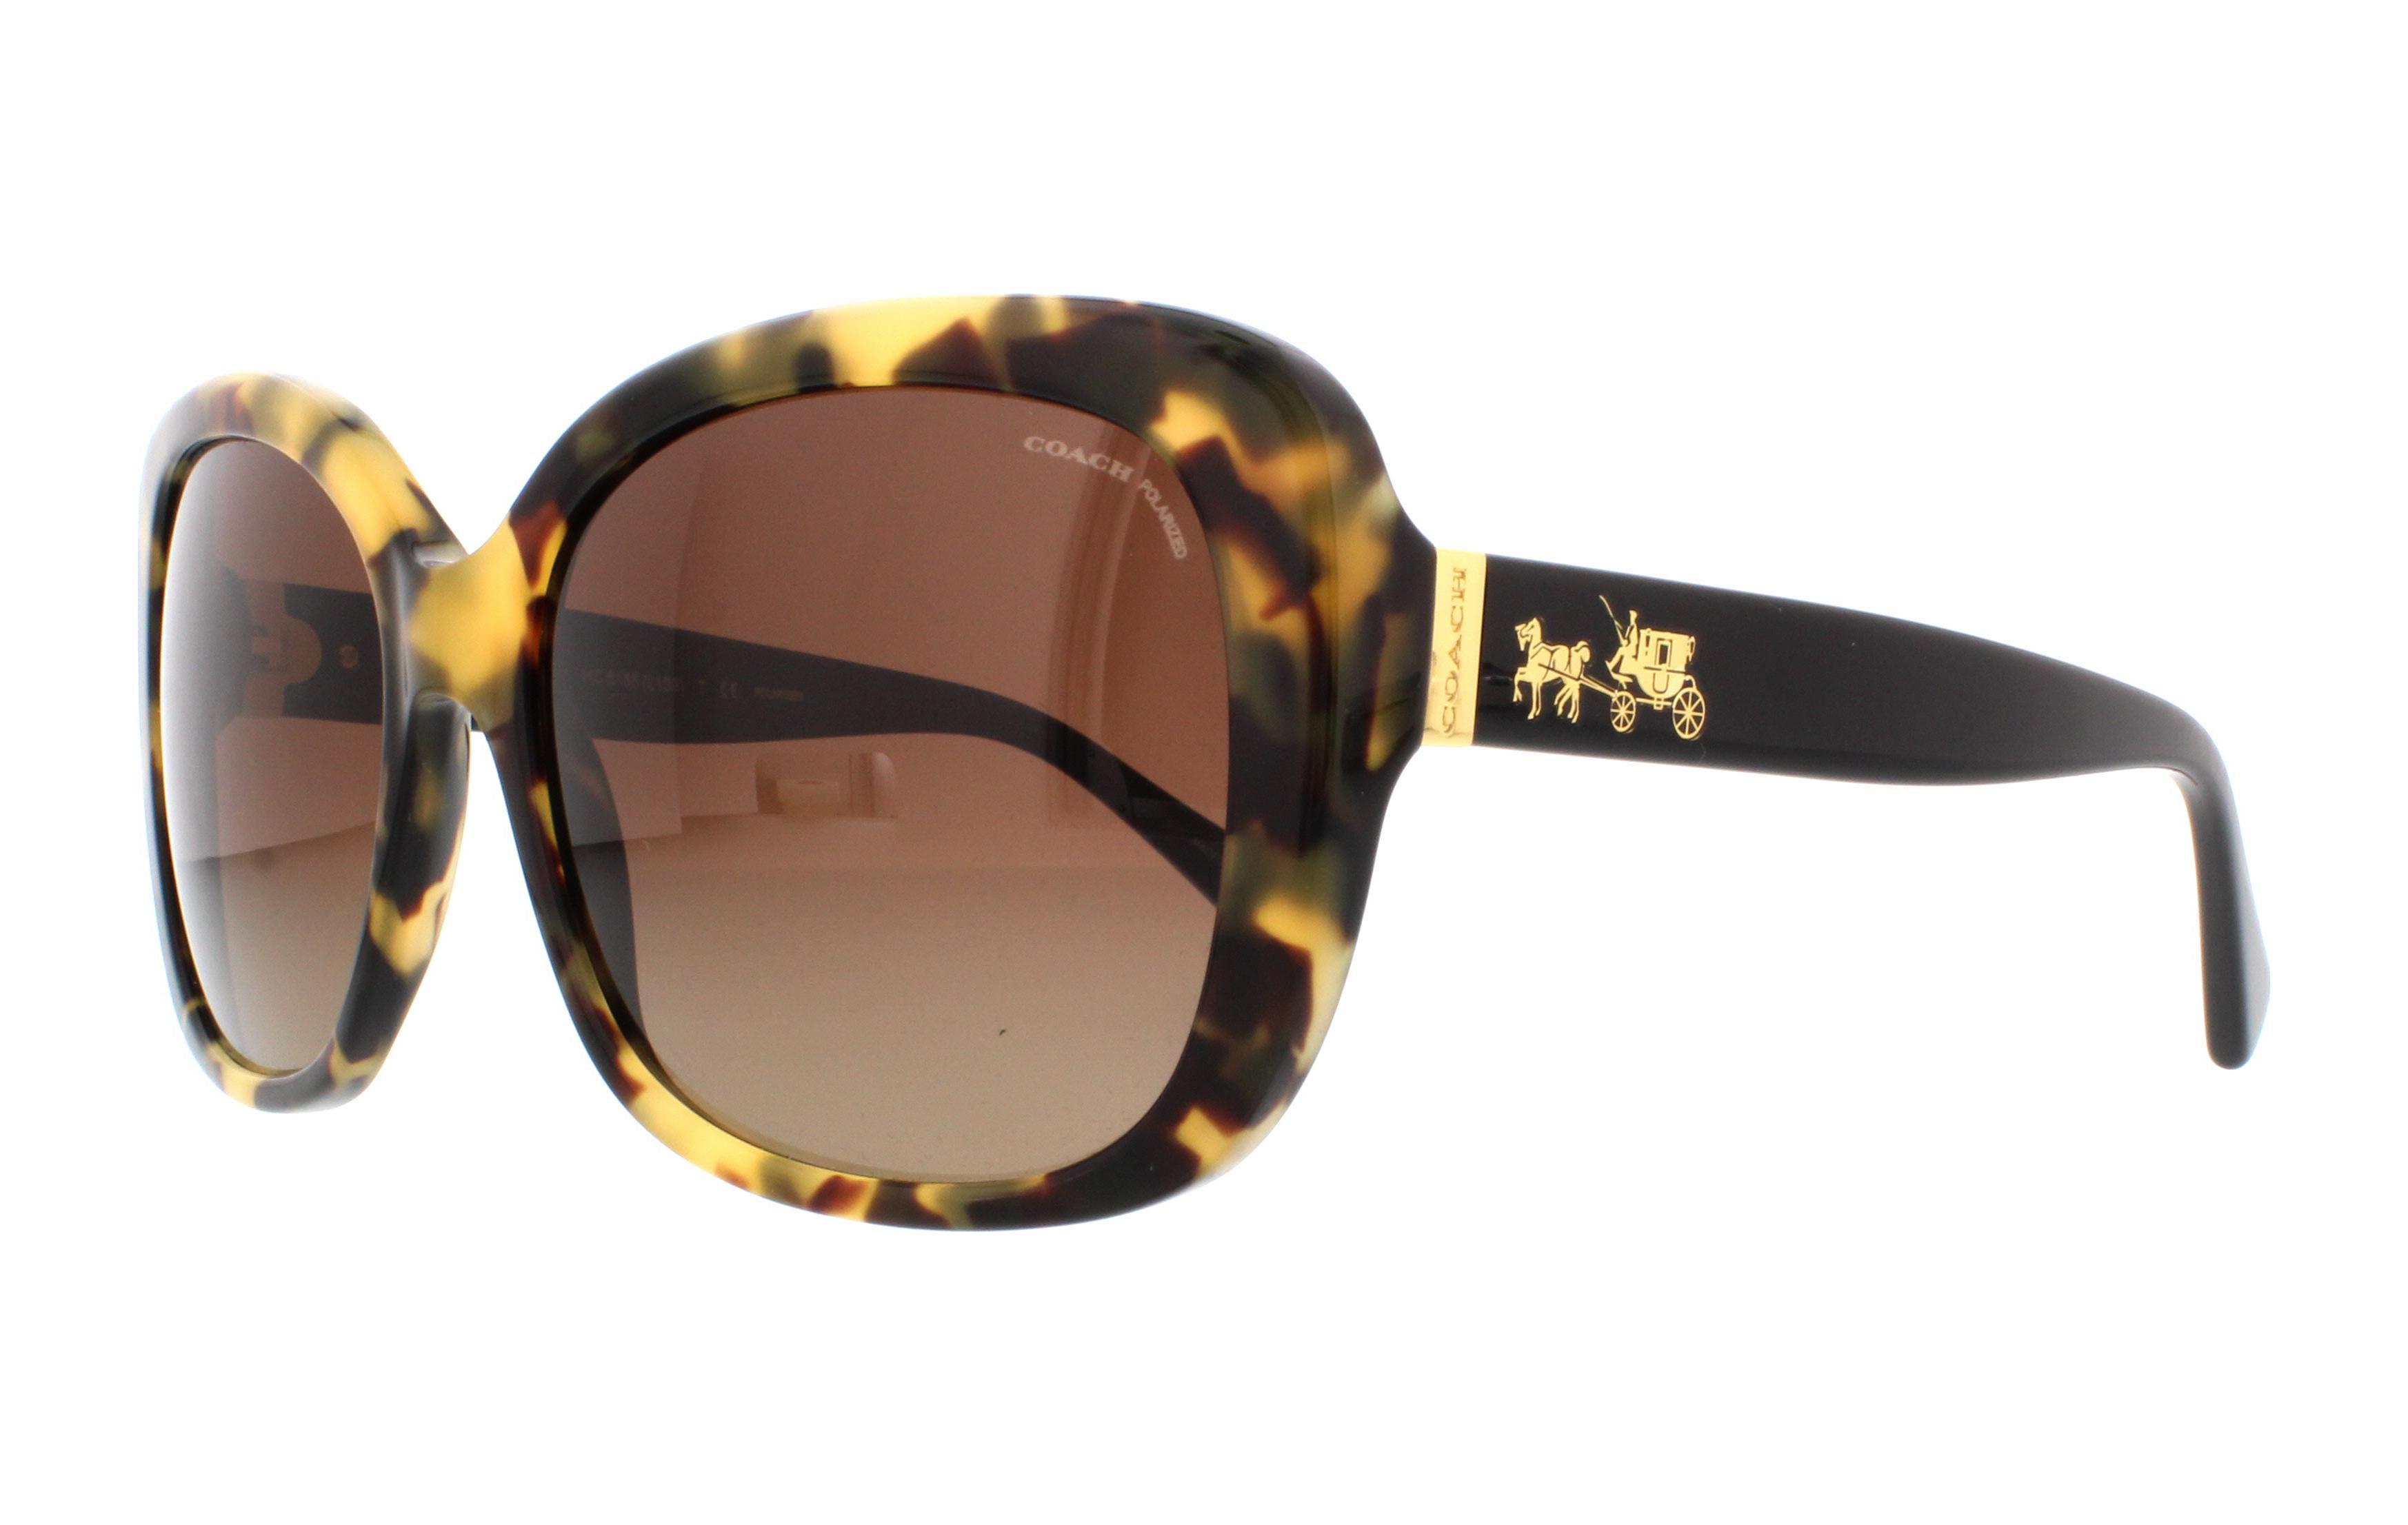 81358d6b2d ... italy coach sunglasses hc8158 l139 5324t5 dark vintage tortoise black  58mm f8258 c954f